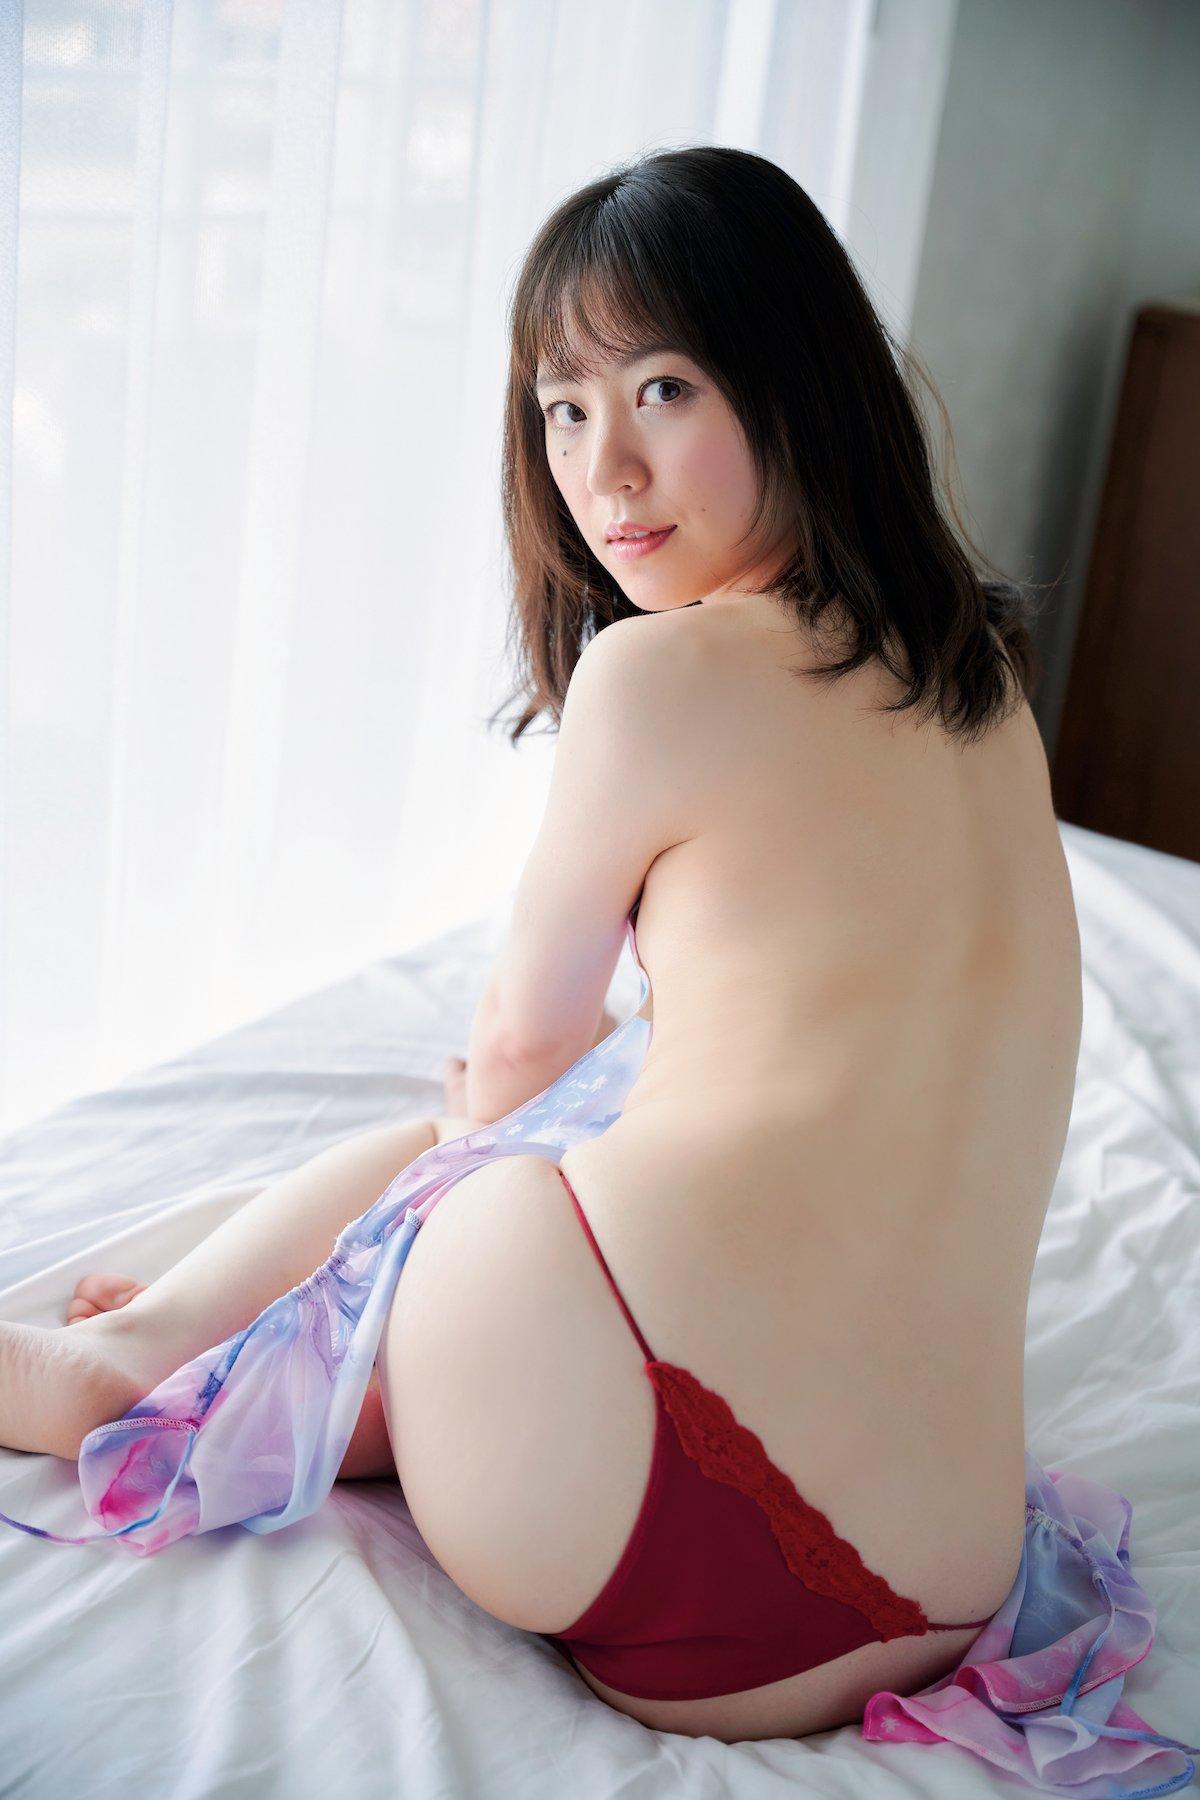 船岡咲「元ジュニアモデル」スレンダー美女のぷりぷり尻【画像10枚】の画像001